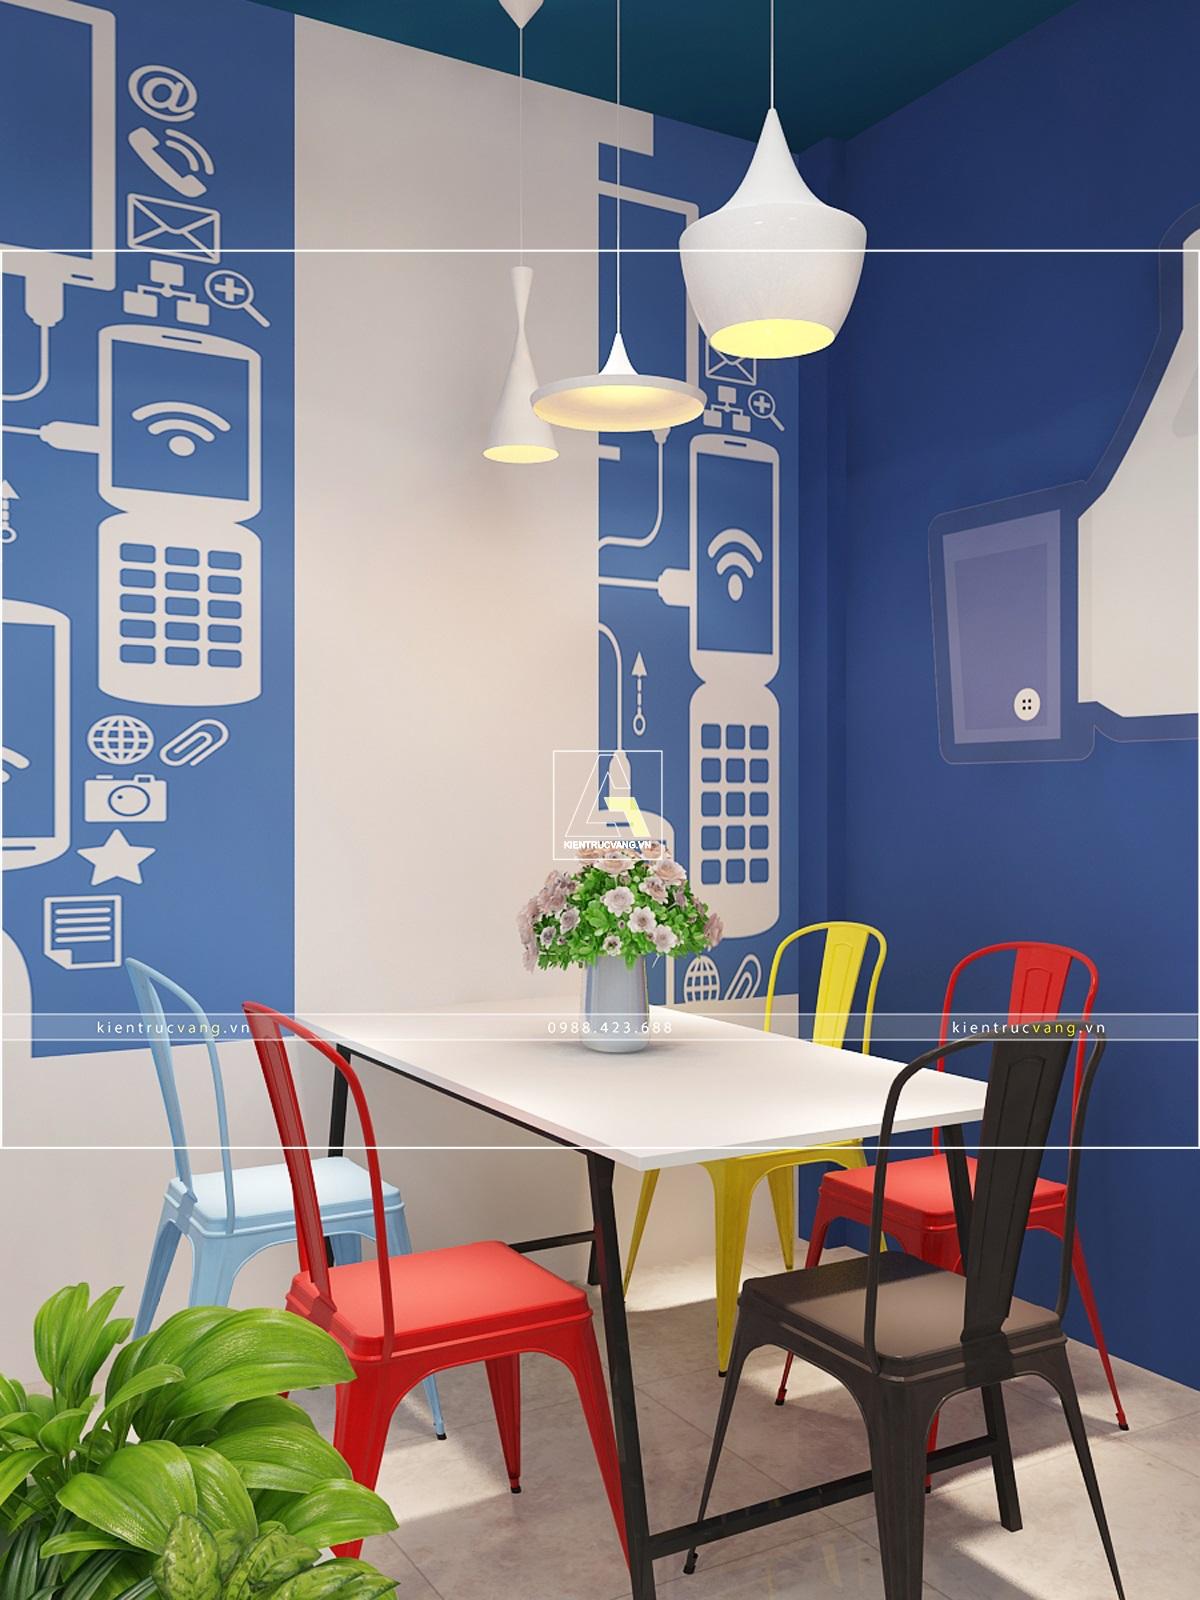 thiết kế nội thất Văn Phòng tại Hà Nội Thiết kế nội thất văn phòng Adcoffee cơ sở 2 Hà Nội 3 1530874039